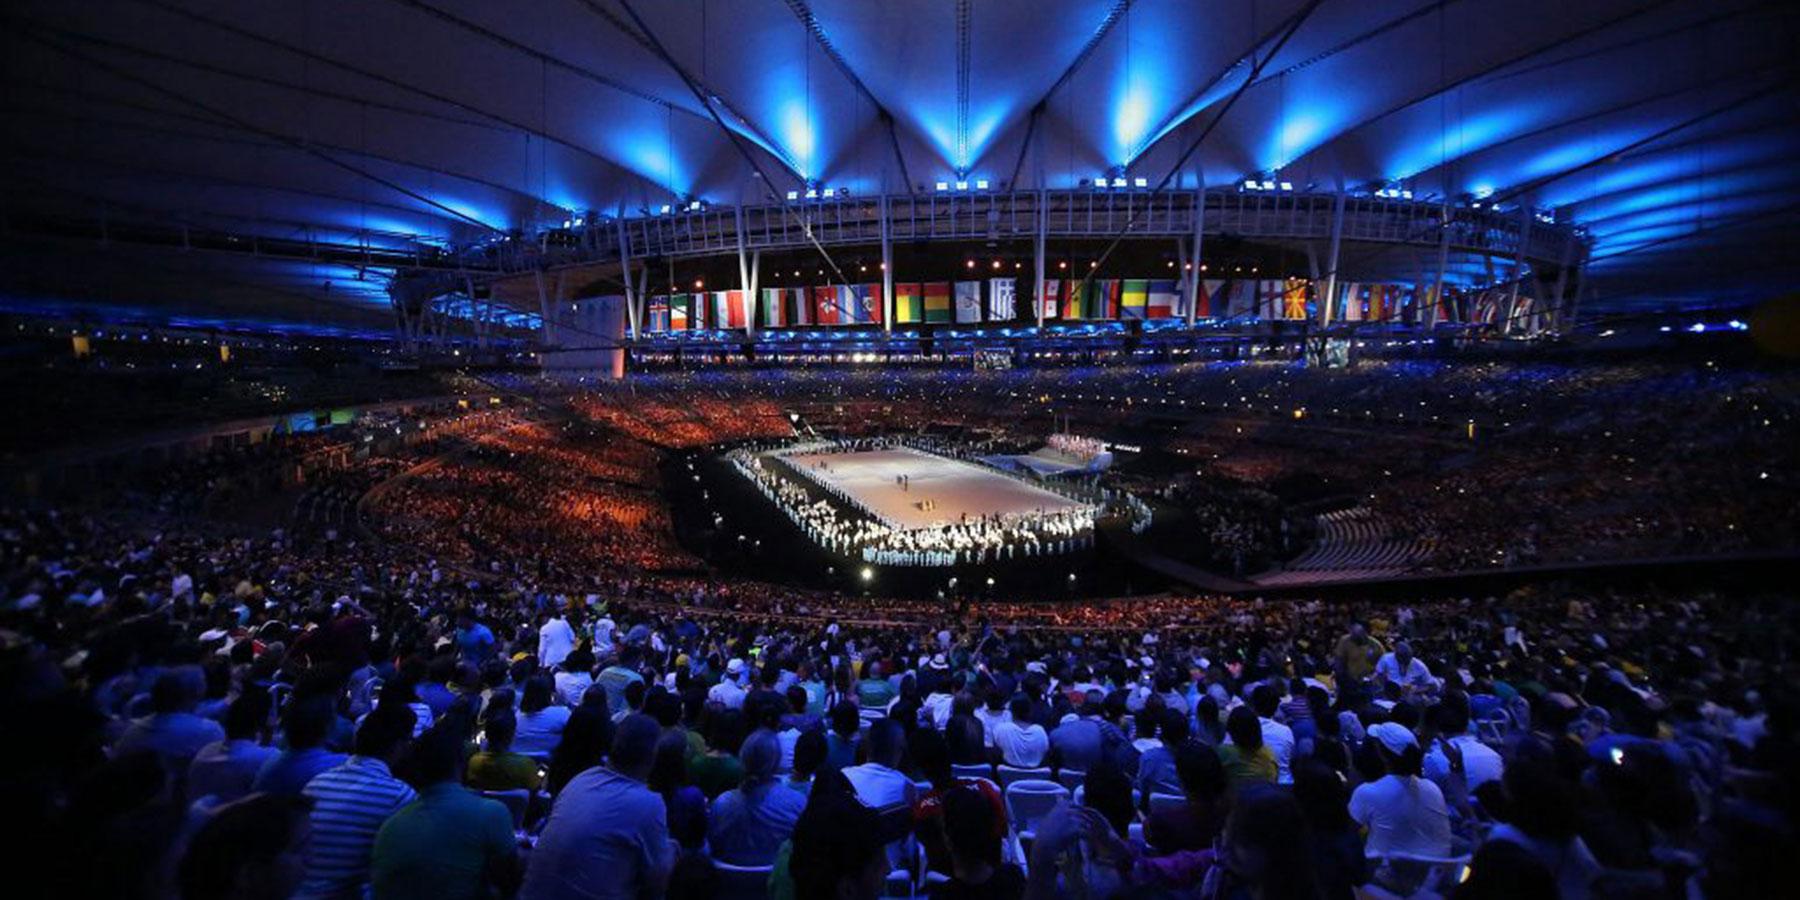 Rio 2016, cérémonie d'ouverture